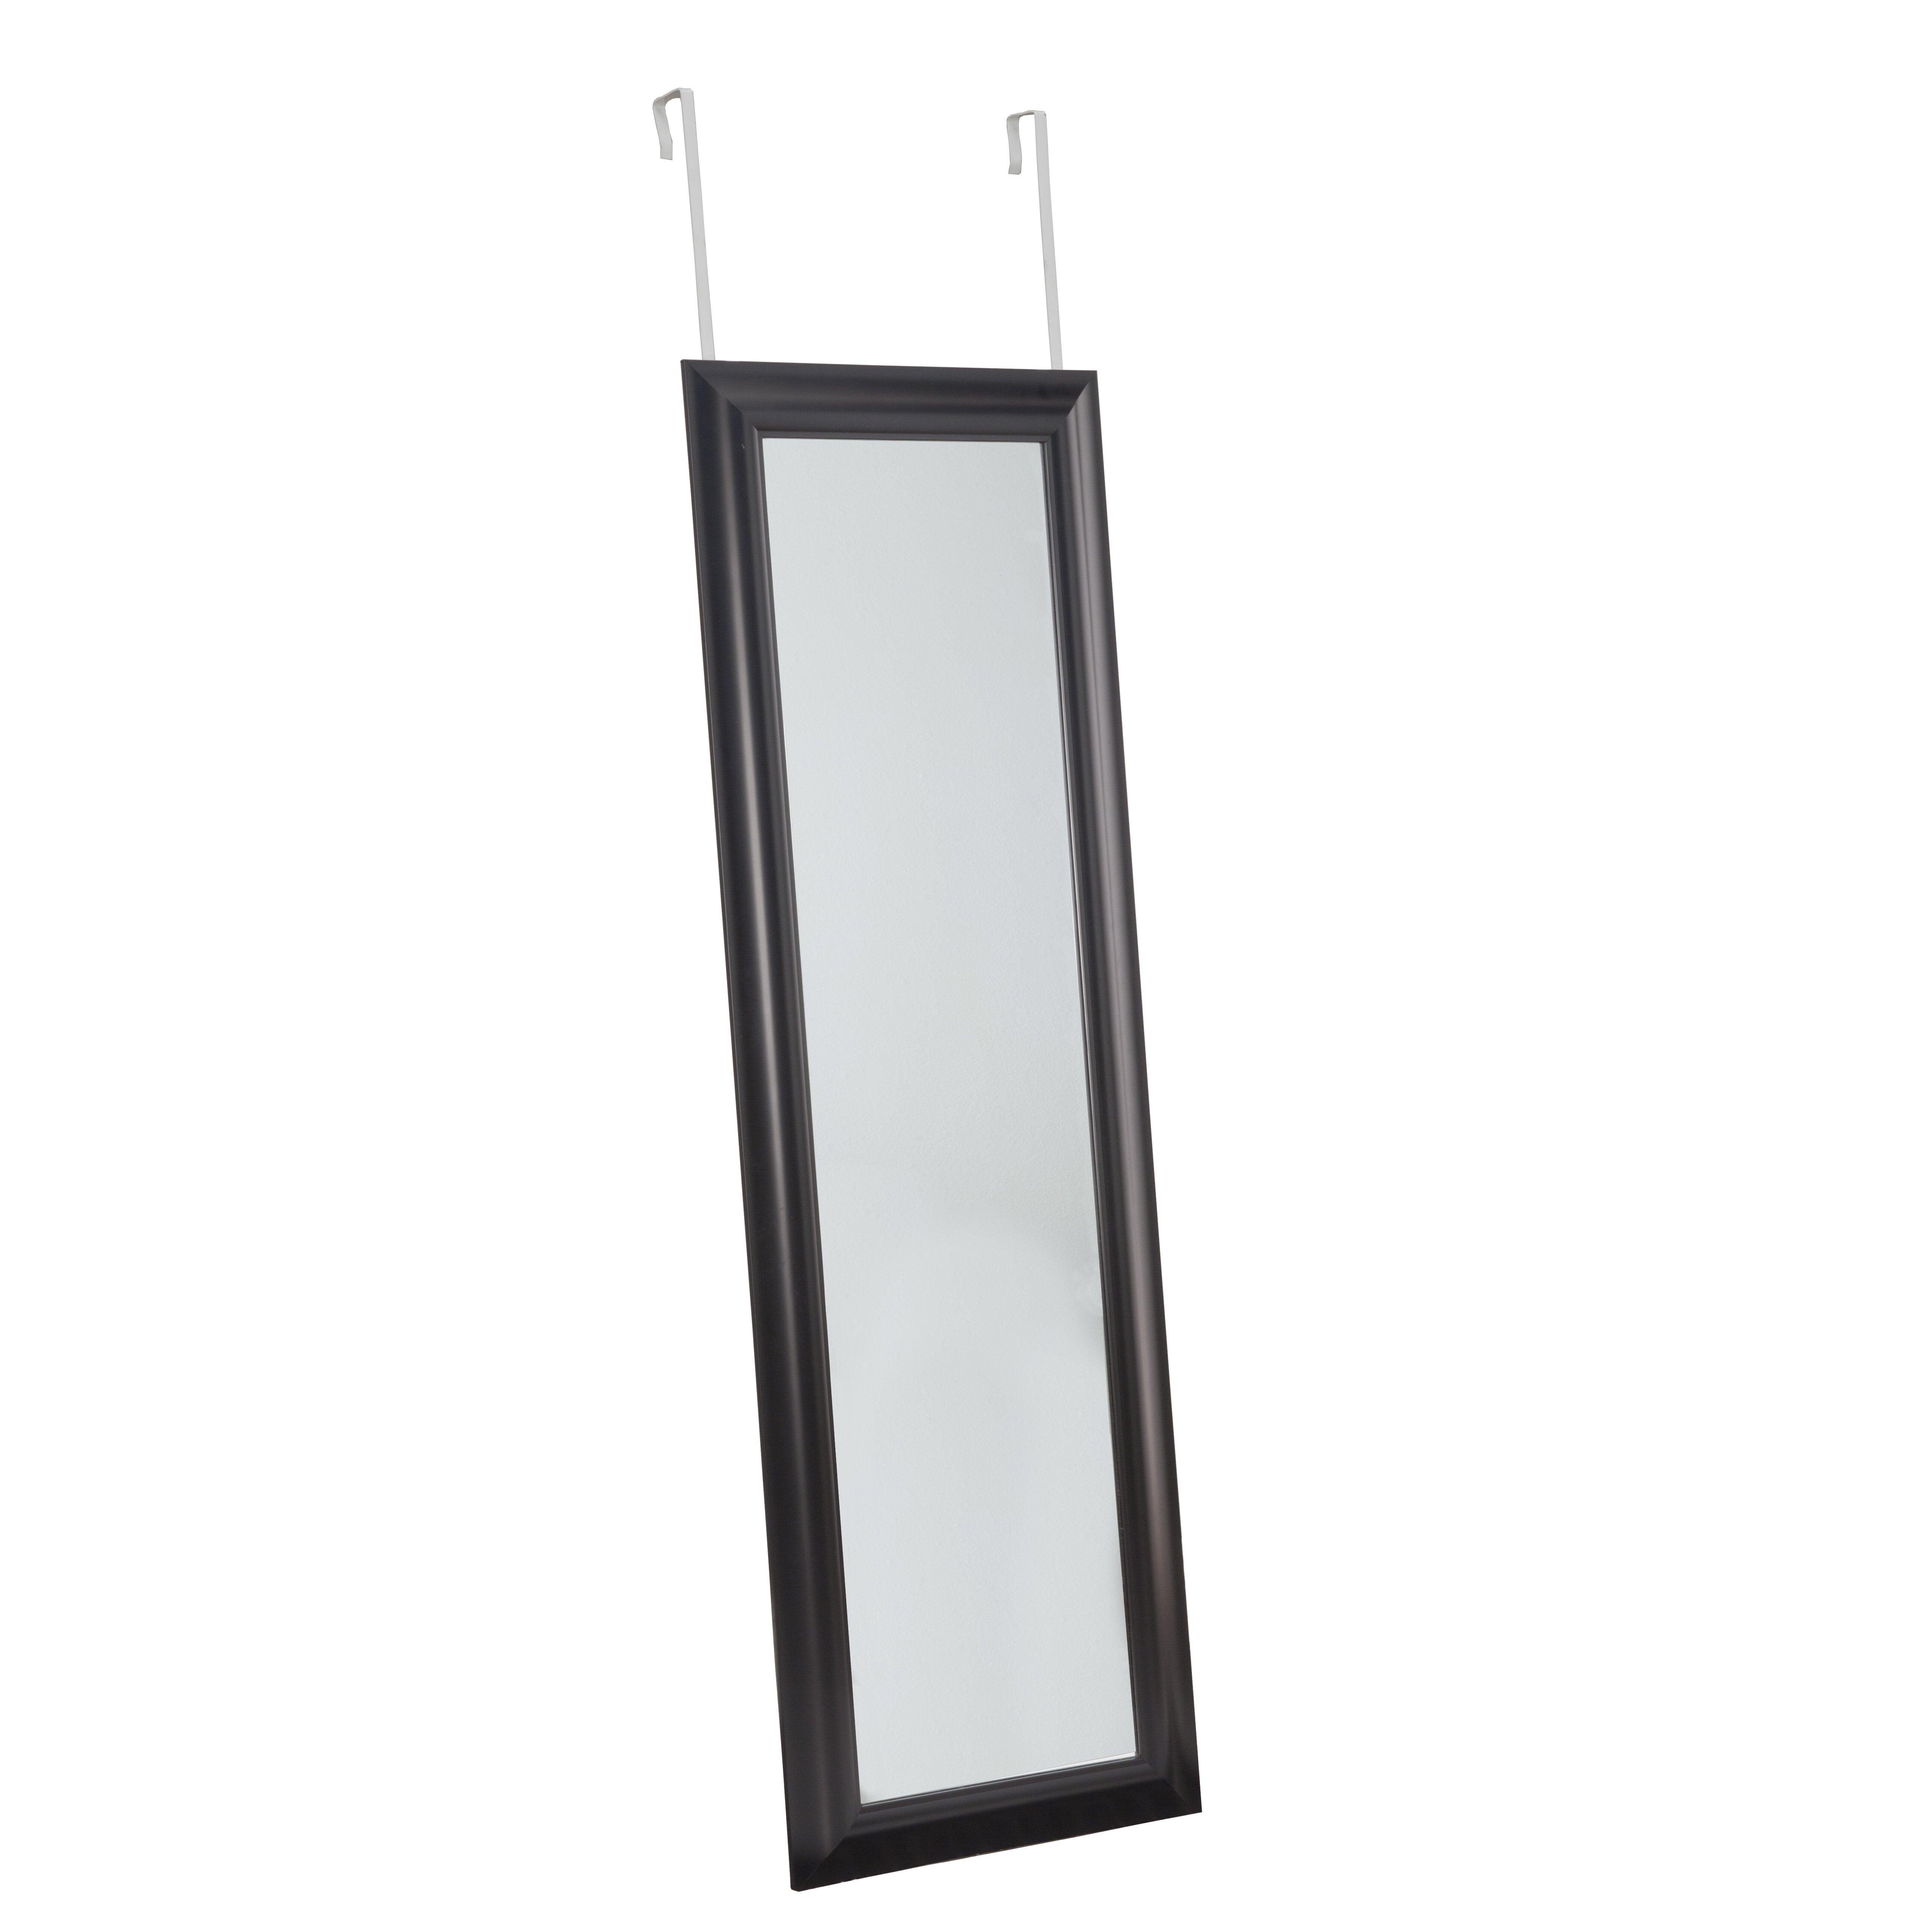 sandberg furniture deluxe over the door mirror reviews wayfair. Black Bedroom Furniture Sets. Home Design Ideas